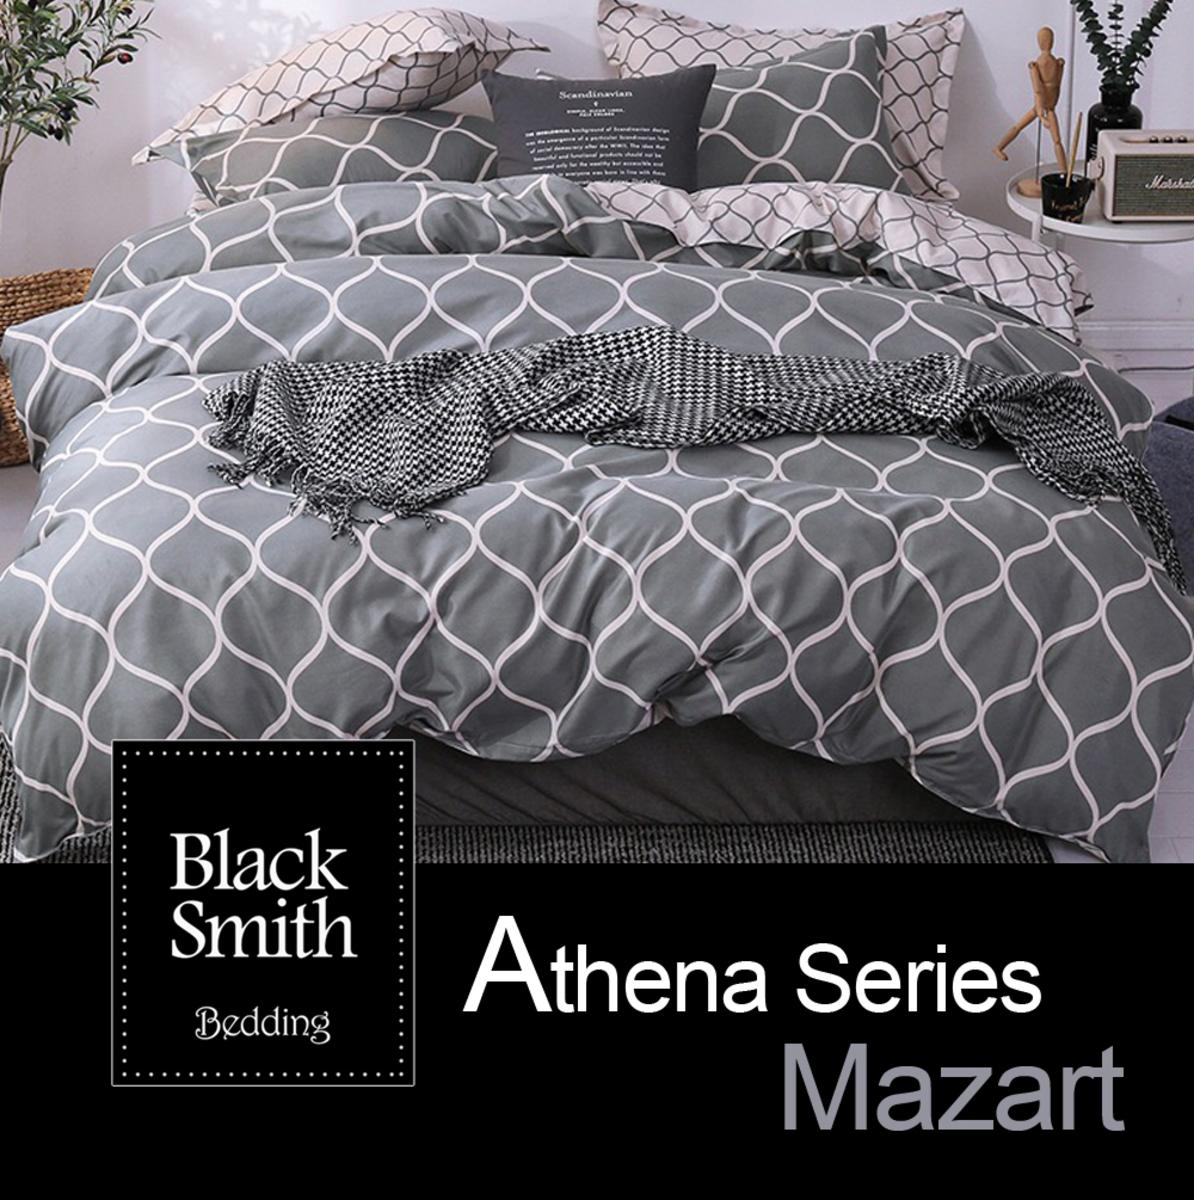 Athena Series(Mazart_Double)